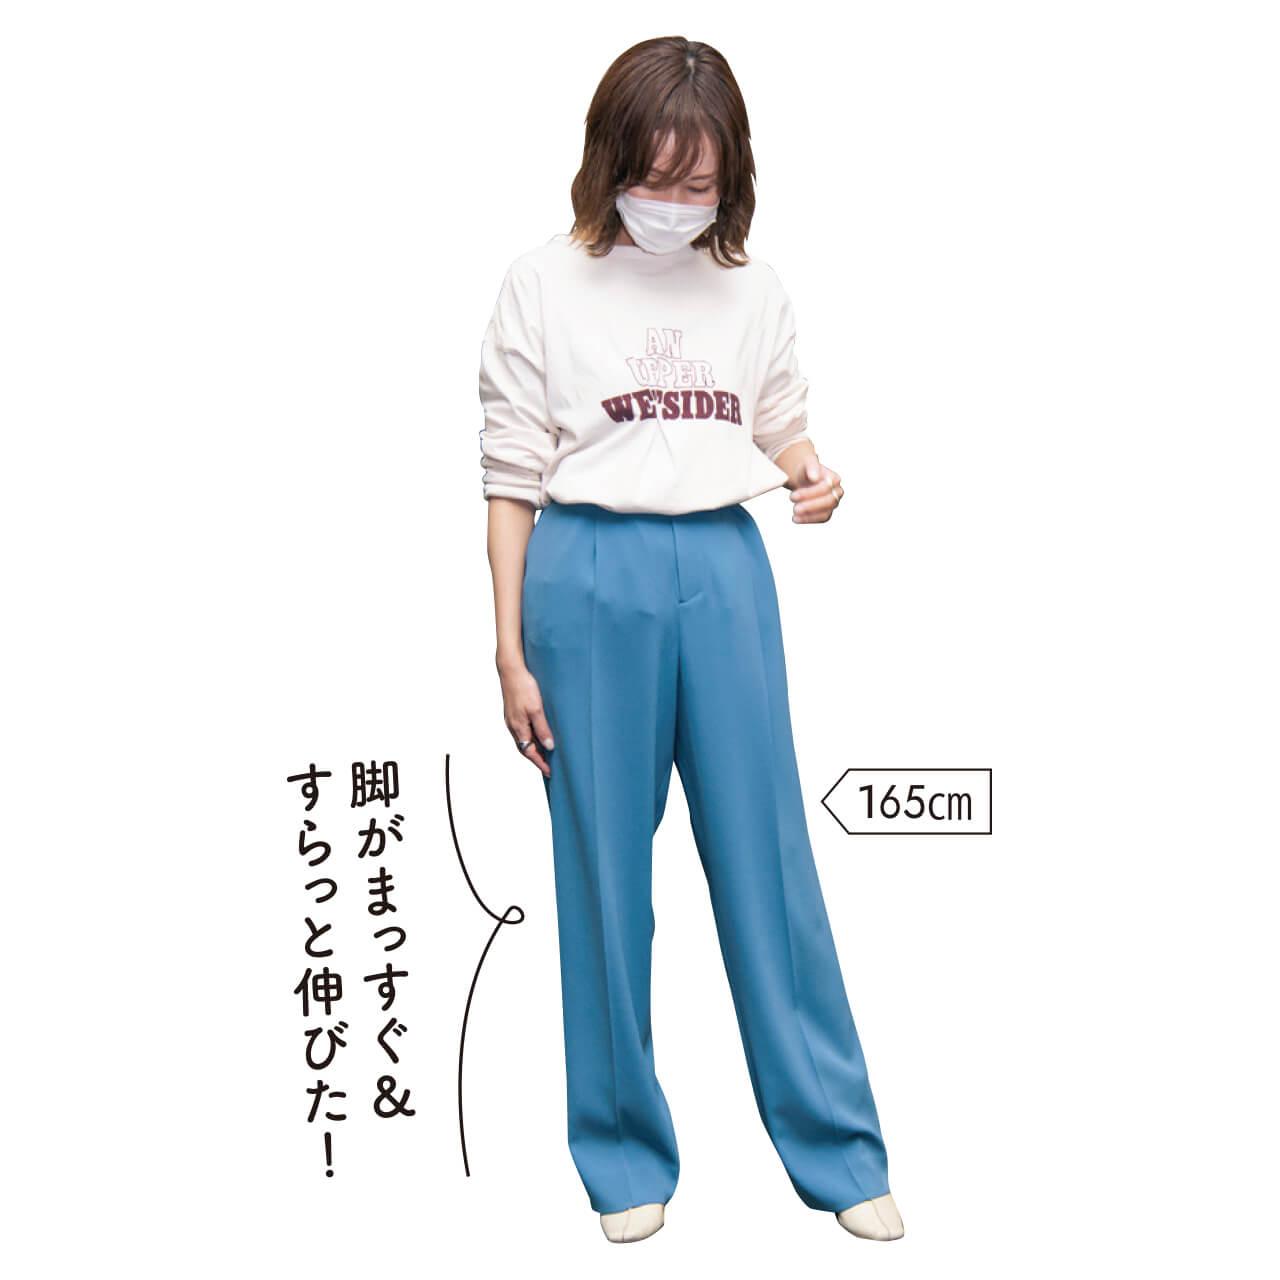 Editionの「ジョーゼットタックパンツ」を試着!165cm ライター榎本さん「脚がまっすぐ&すらっと伸びた!」